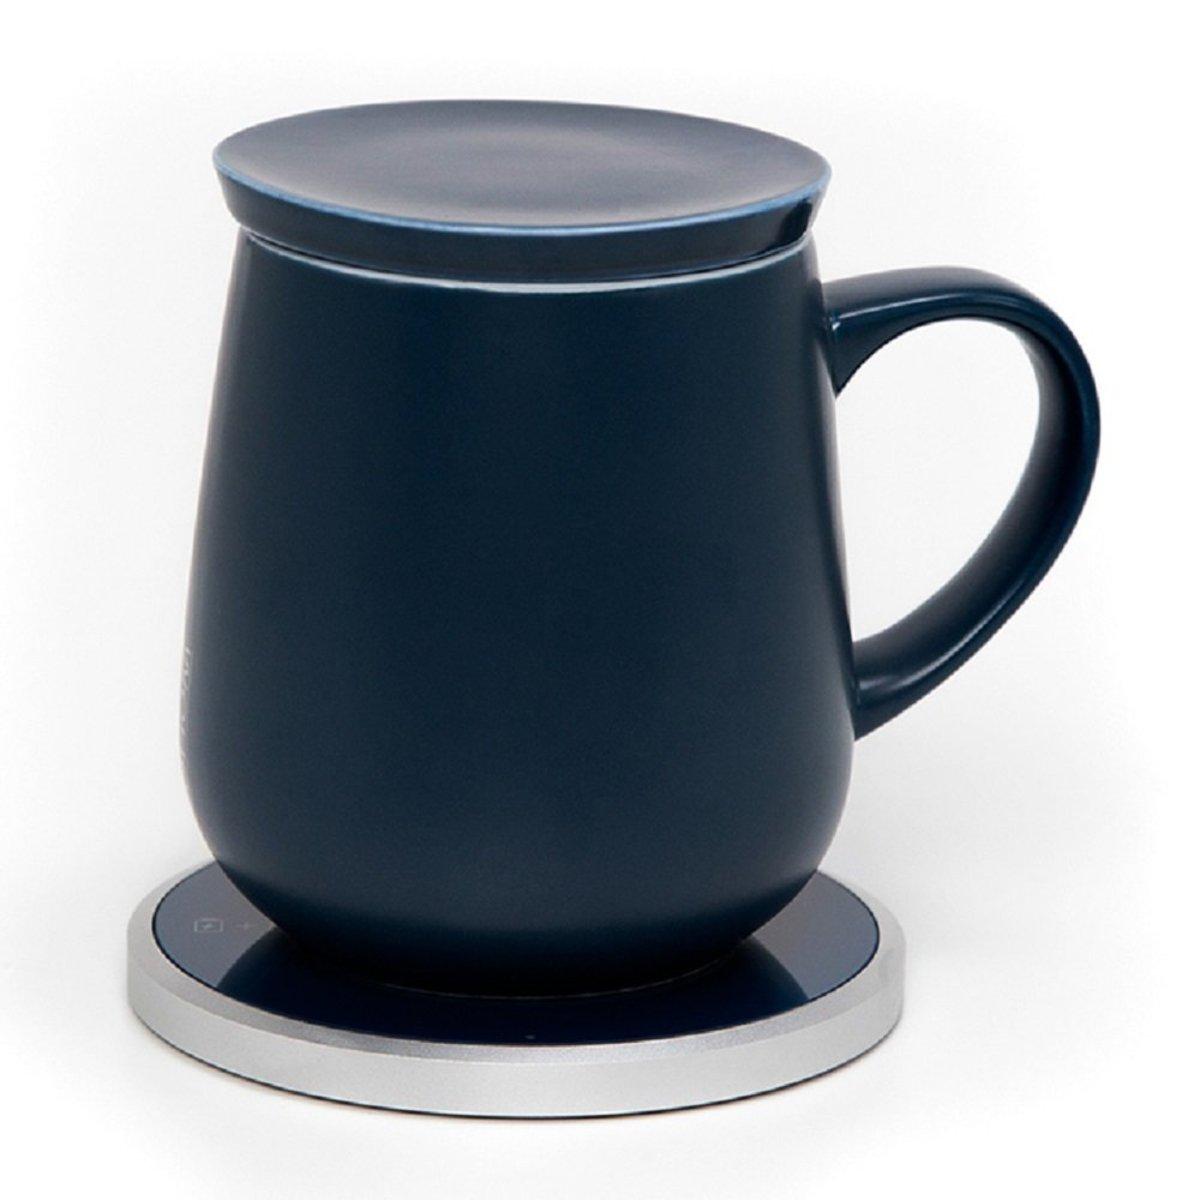 KOPI Mug Set - DEEP NAVY - with wireless Qi Charging Pad